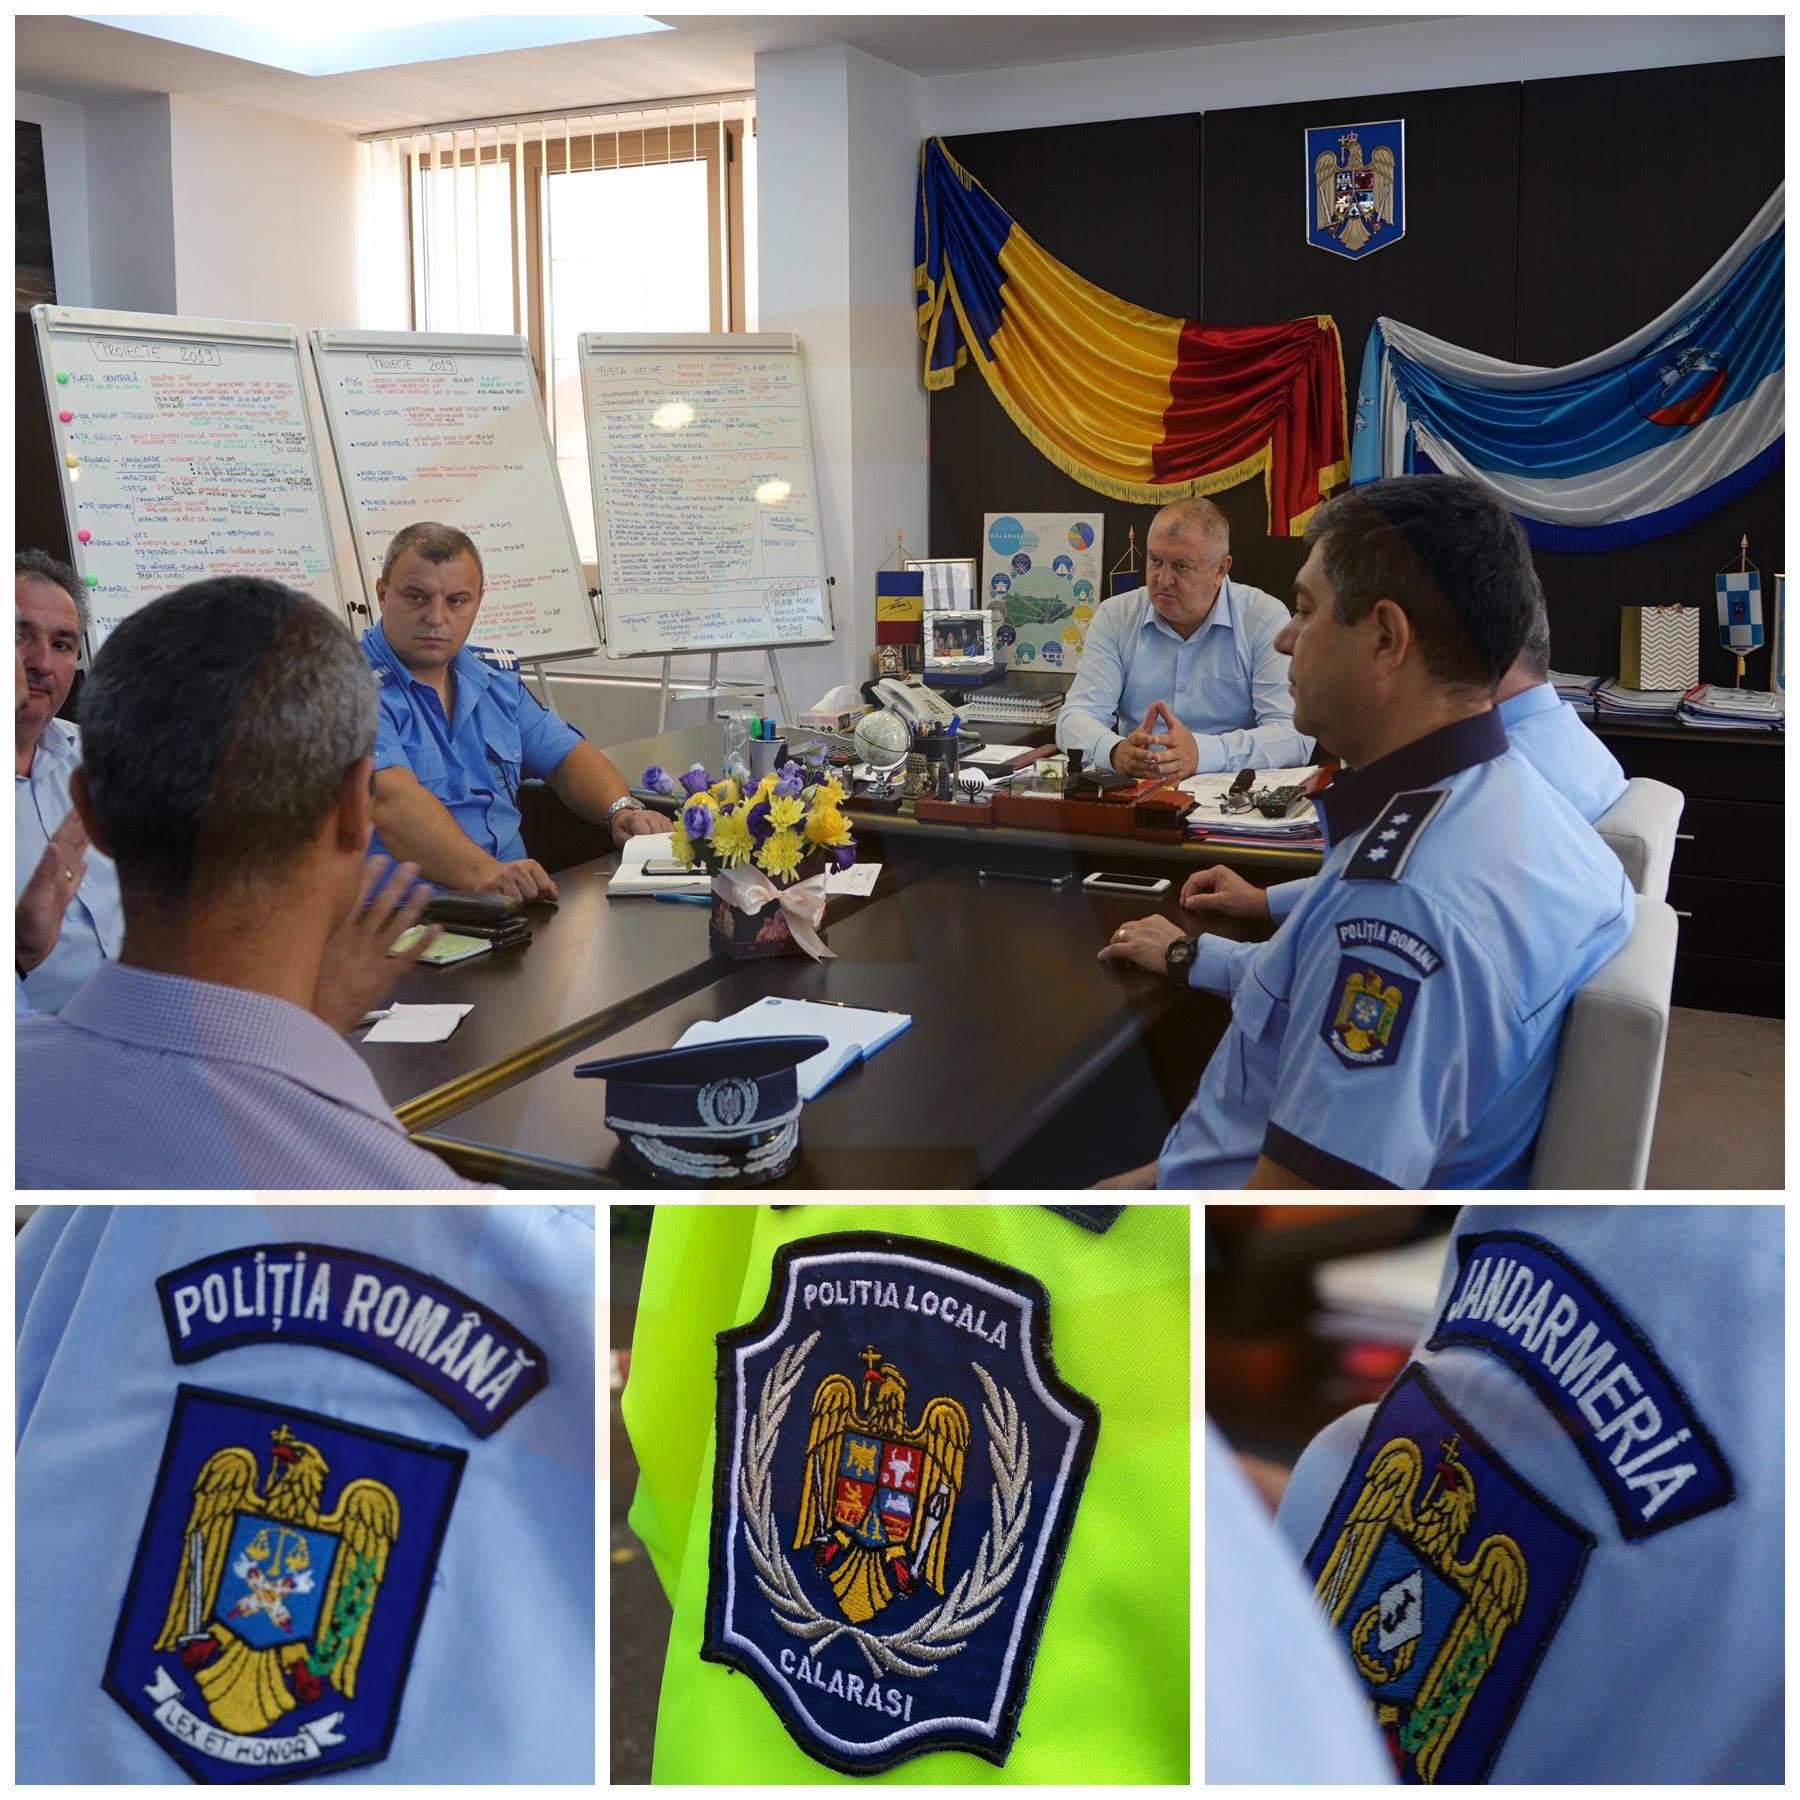 Poliția Locală, Poliția municipală și Inspectoratul de Jandarmi demarează un plan de acțiune comun